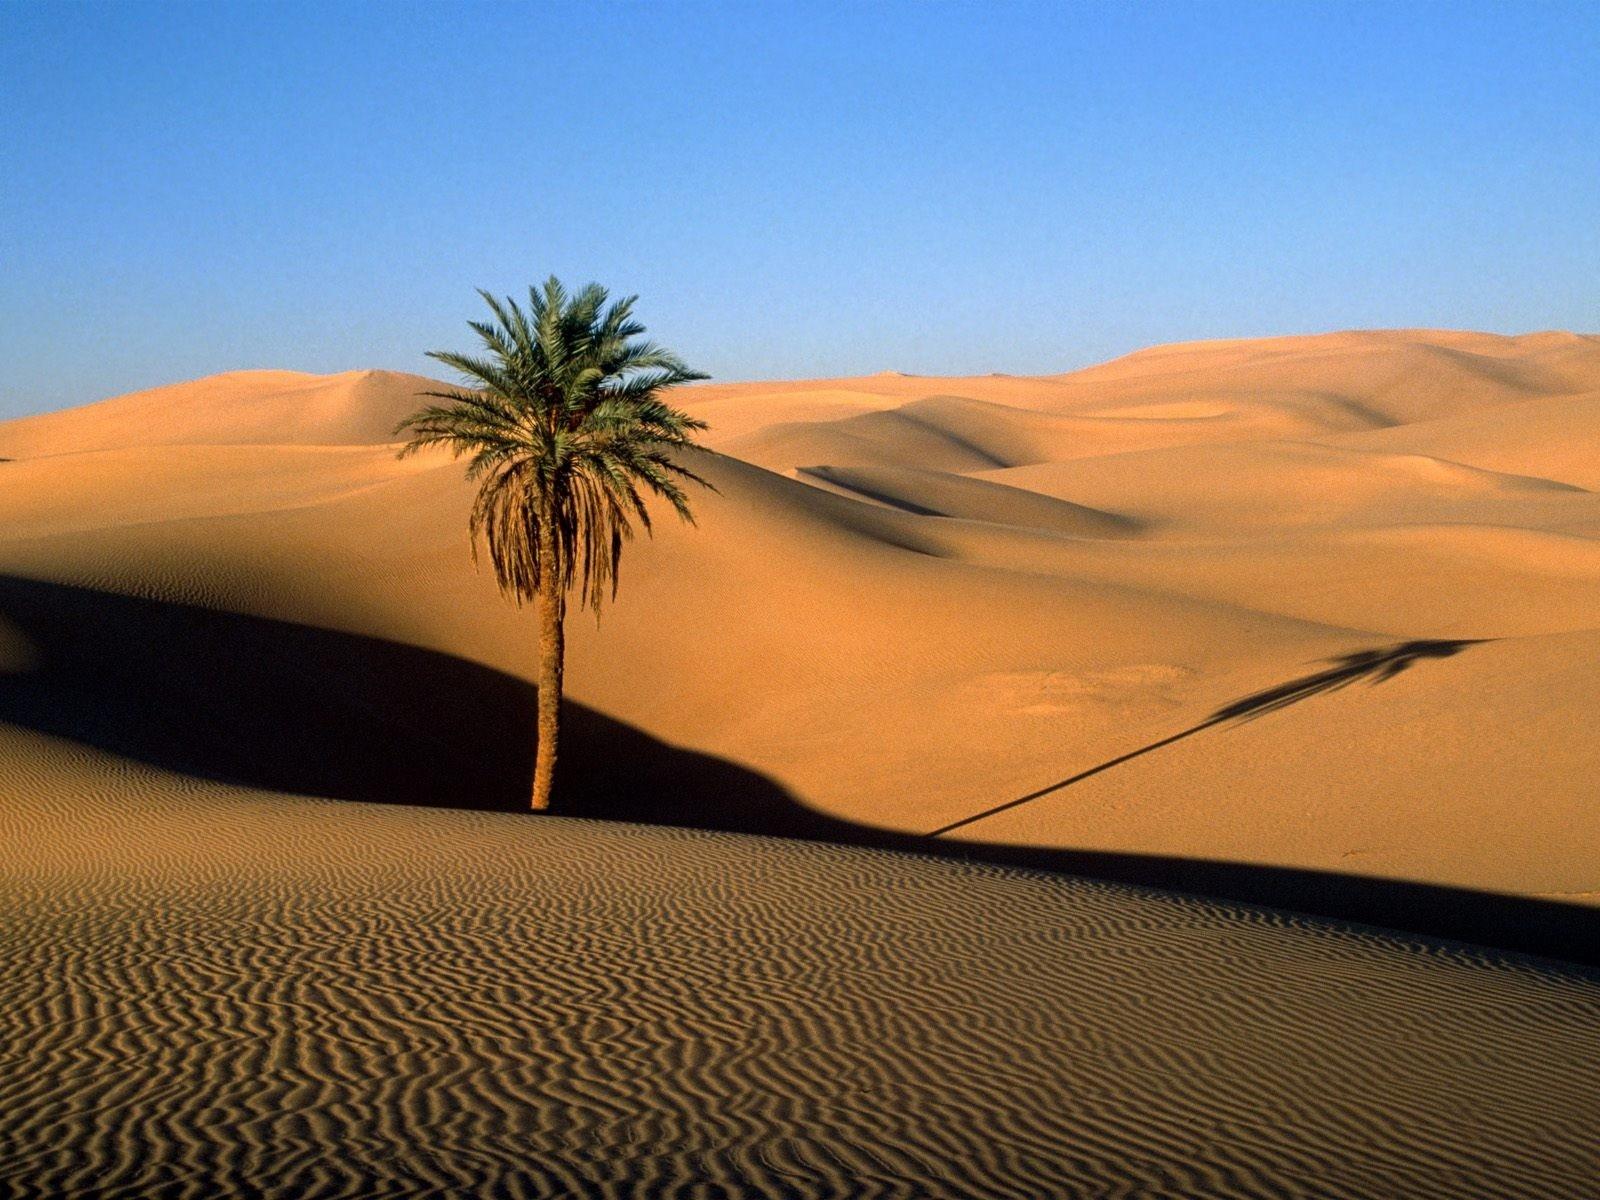 Рослини в пустелі фото 12 фотография